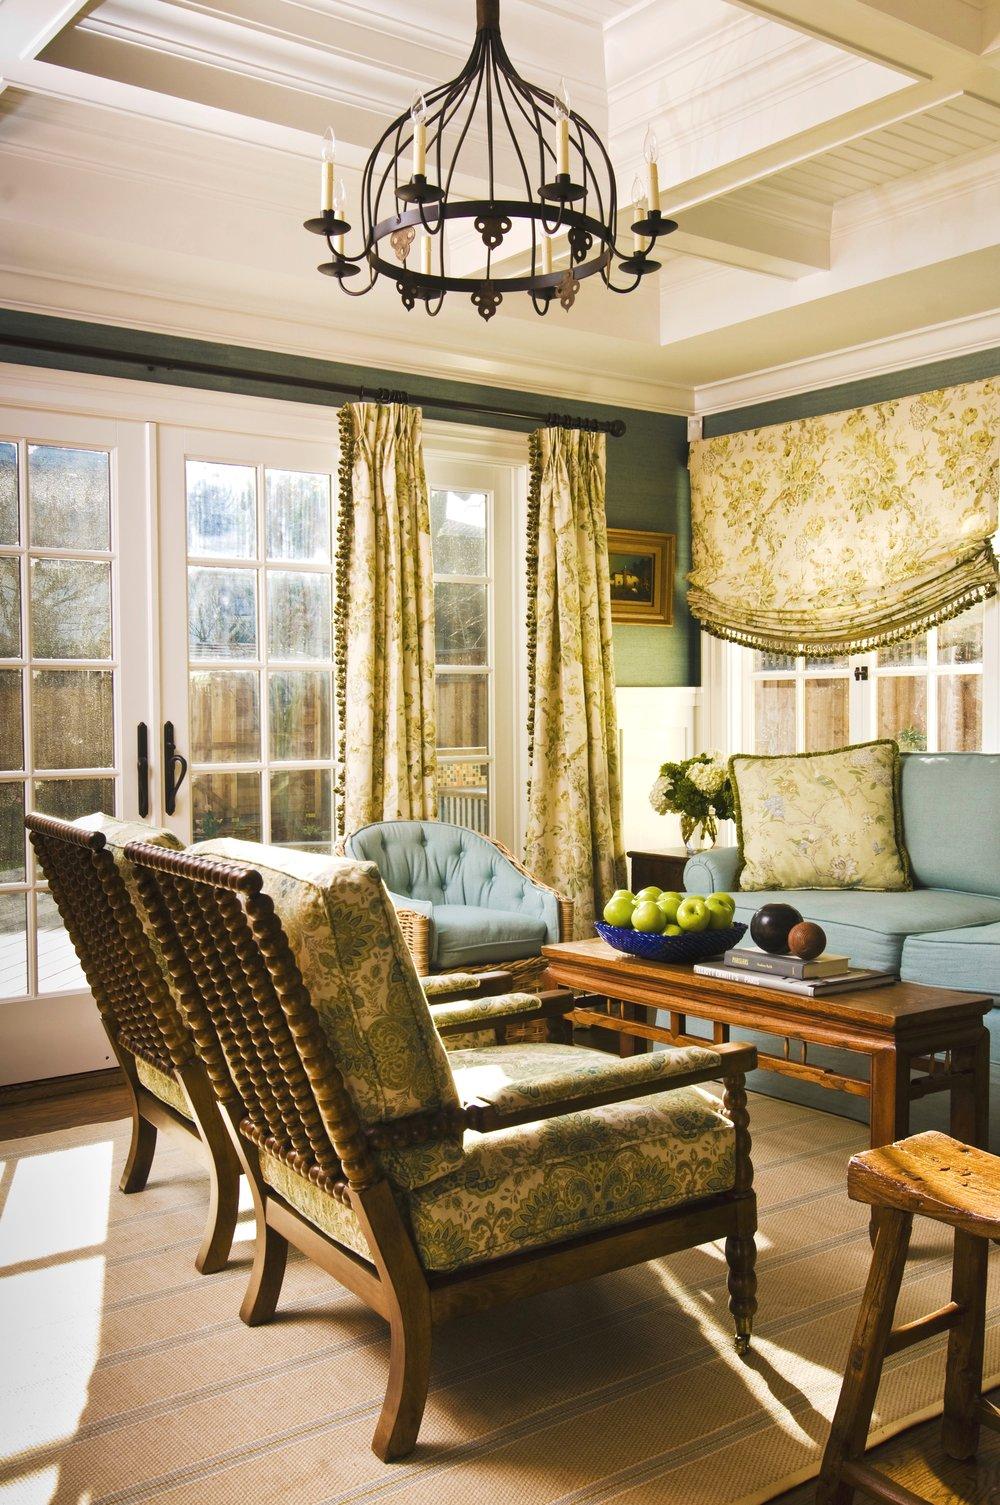 2012-1-6 Sun Room 2.jpg